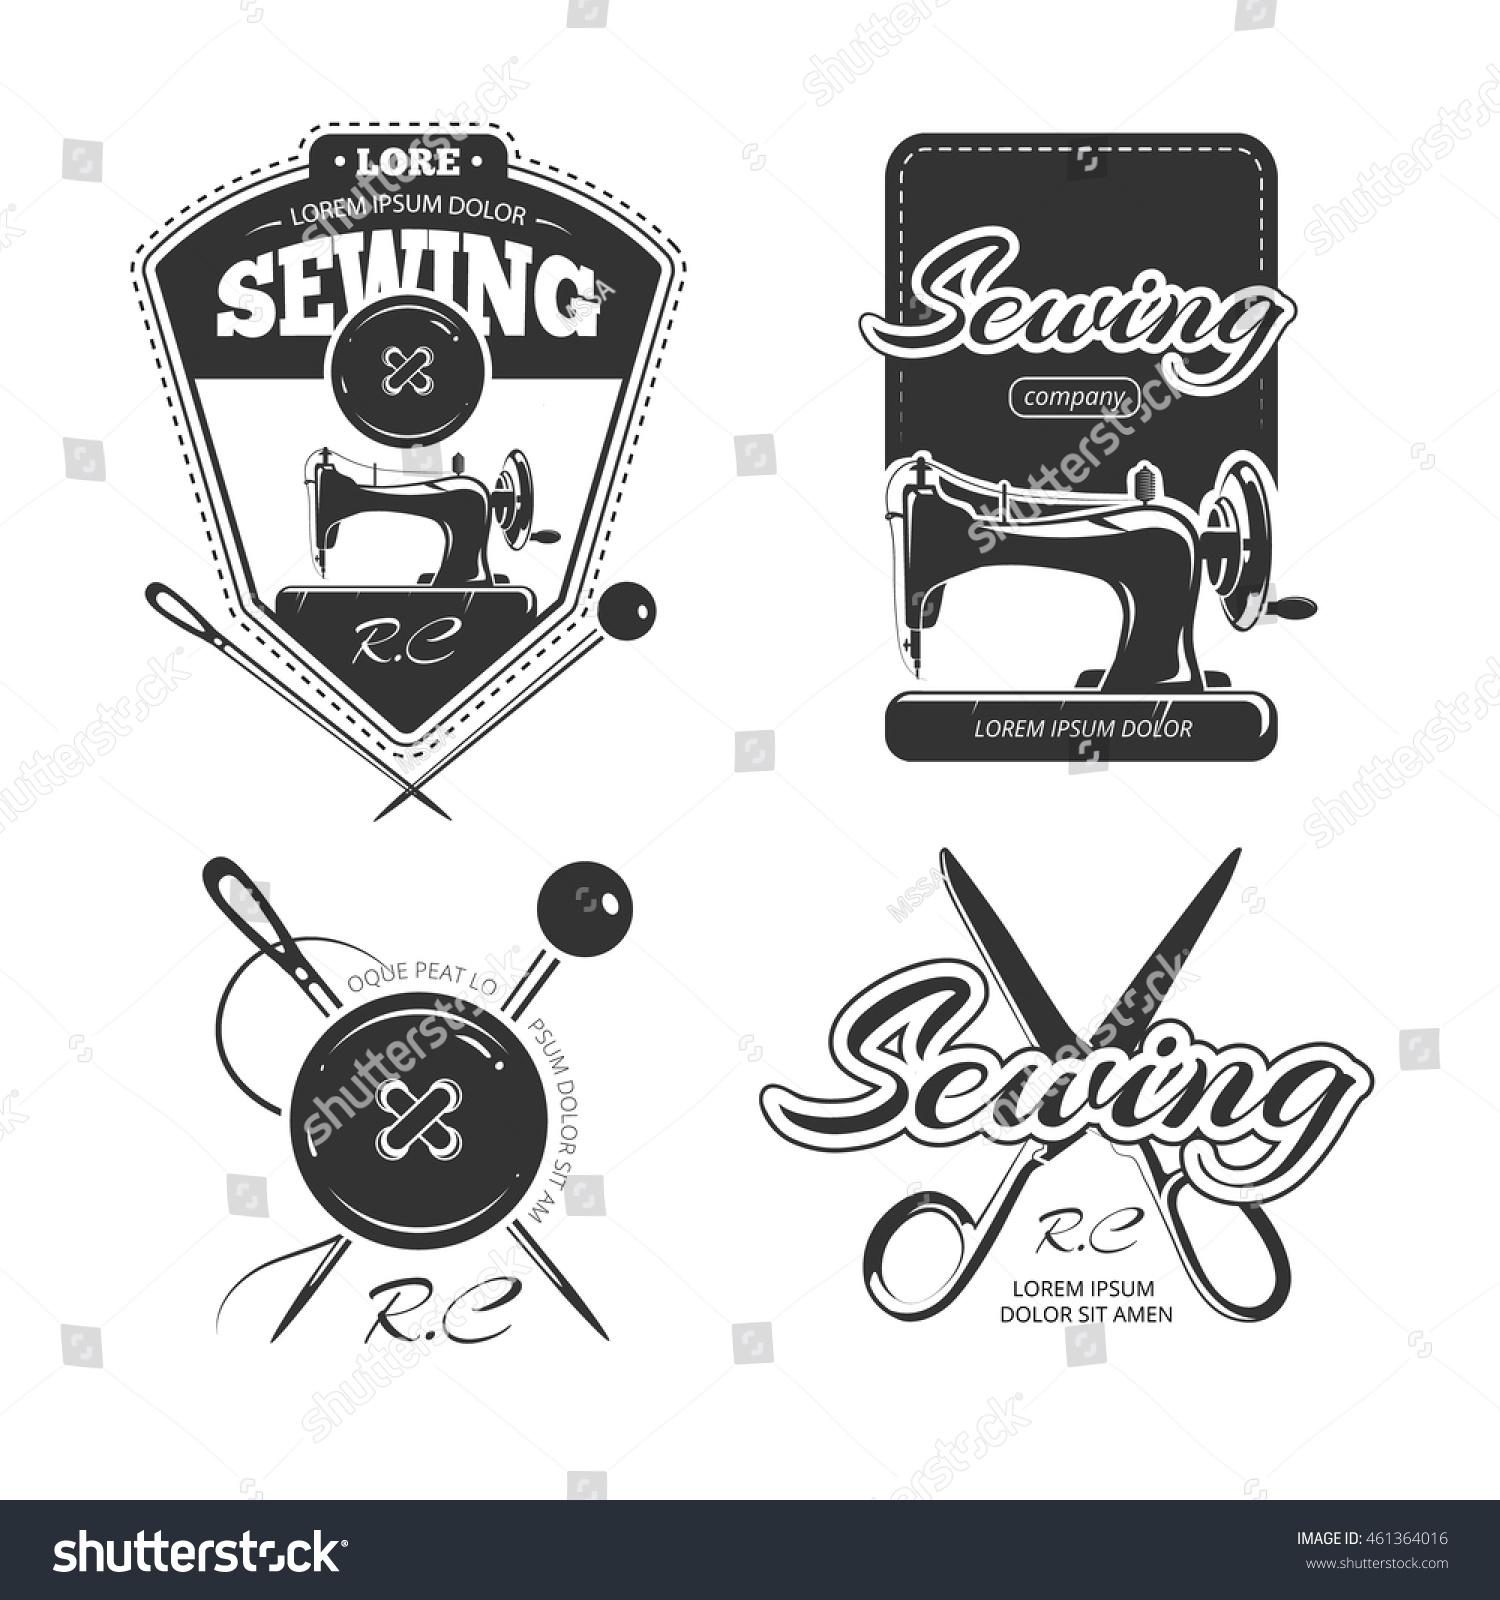 Tailor Shop Retro Vector Logo Badges Stock Vector (Royalty